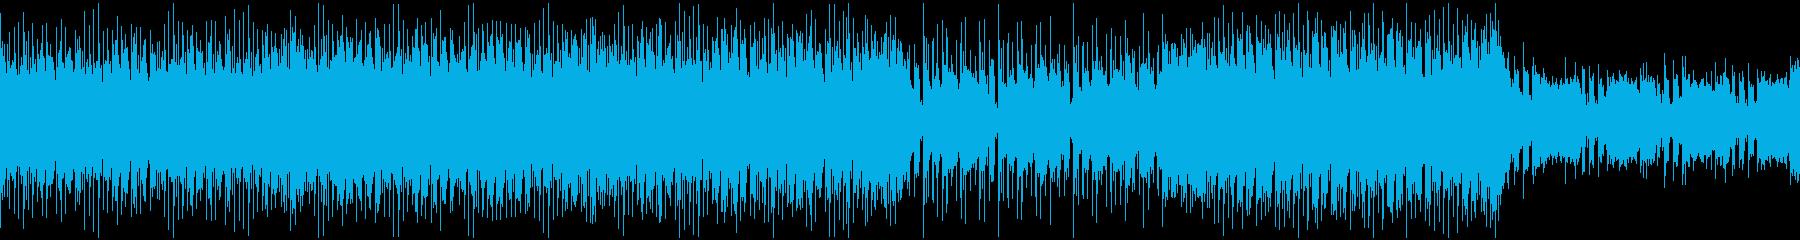 シンプルなハウス系ループの再生済みの波形